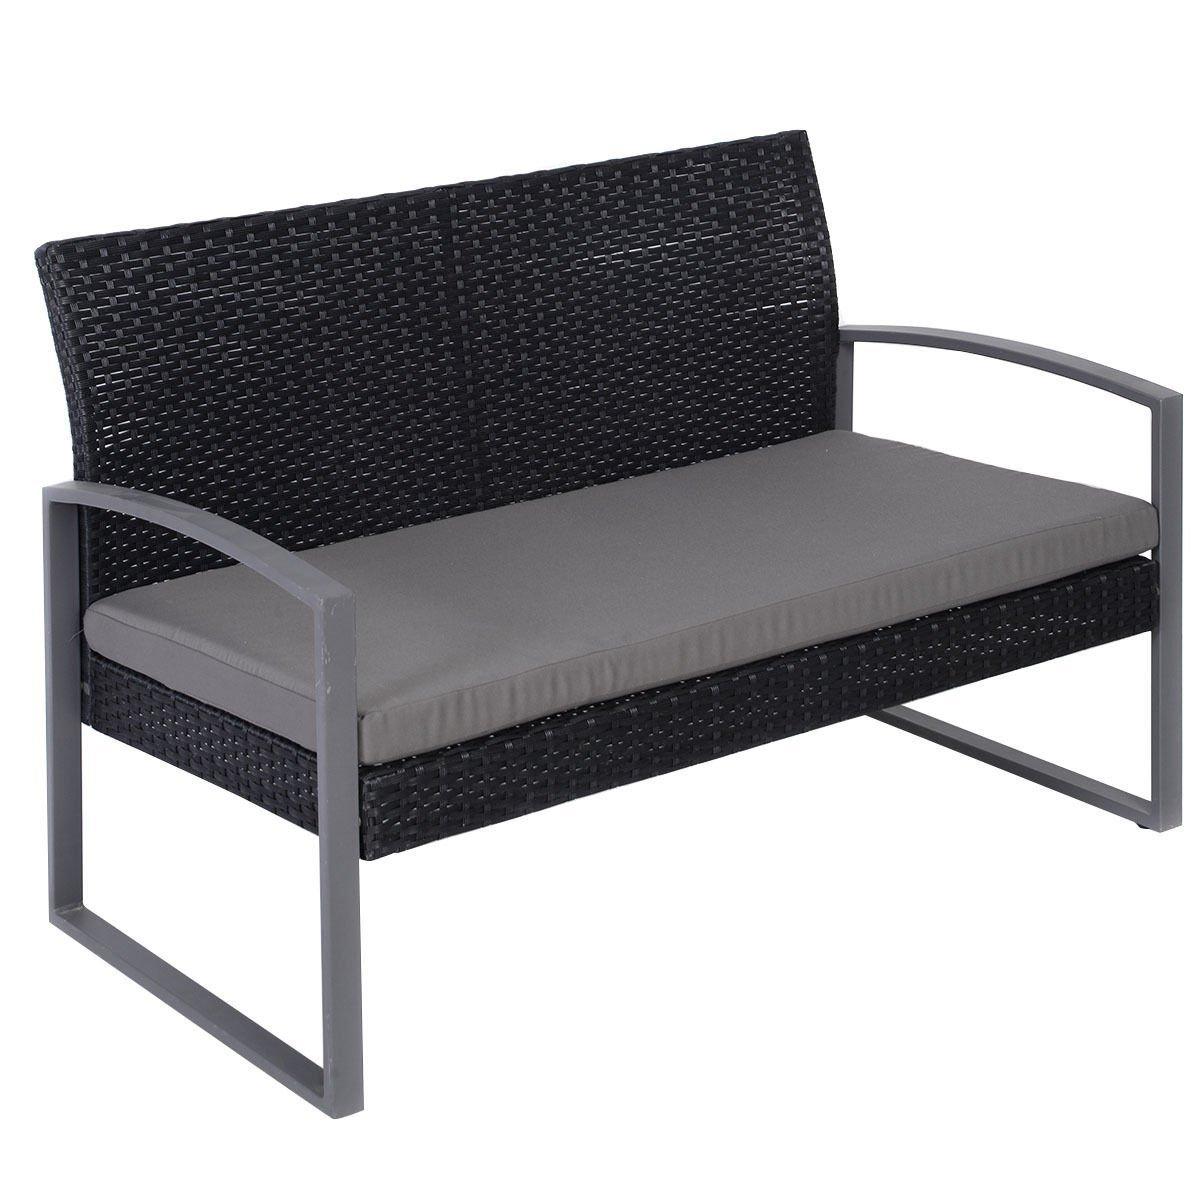 Amazon.com: Juego de 4 piezas de muebles de invierno para ...